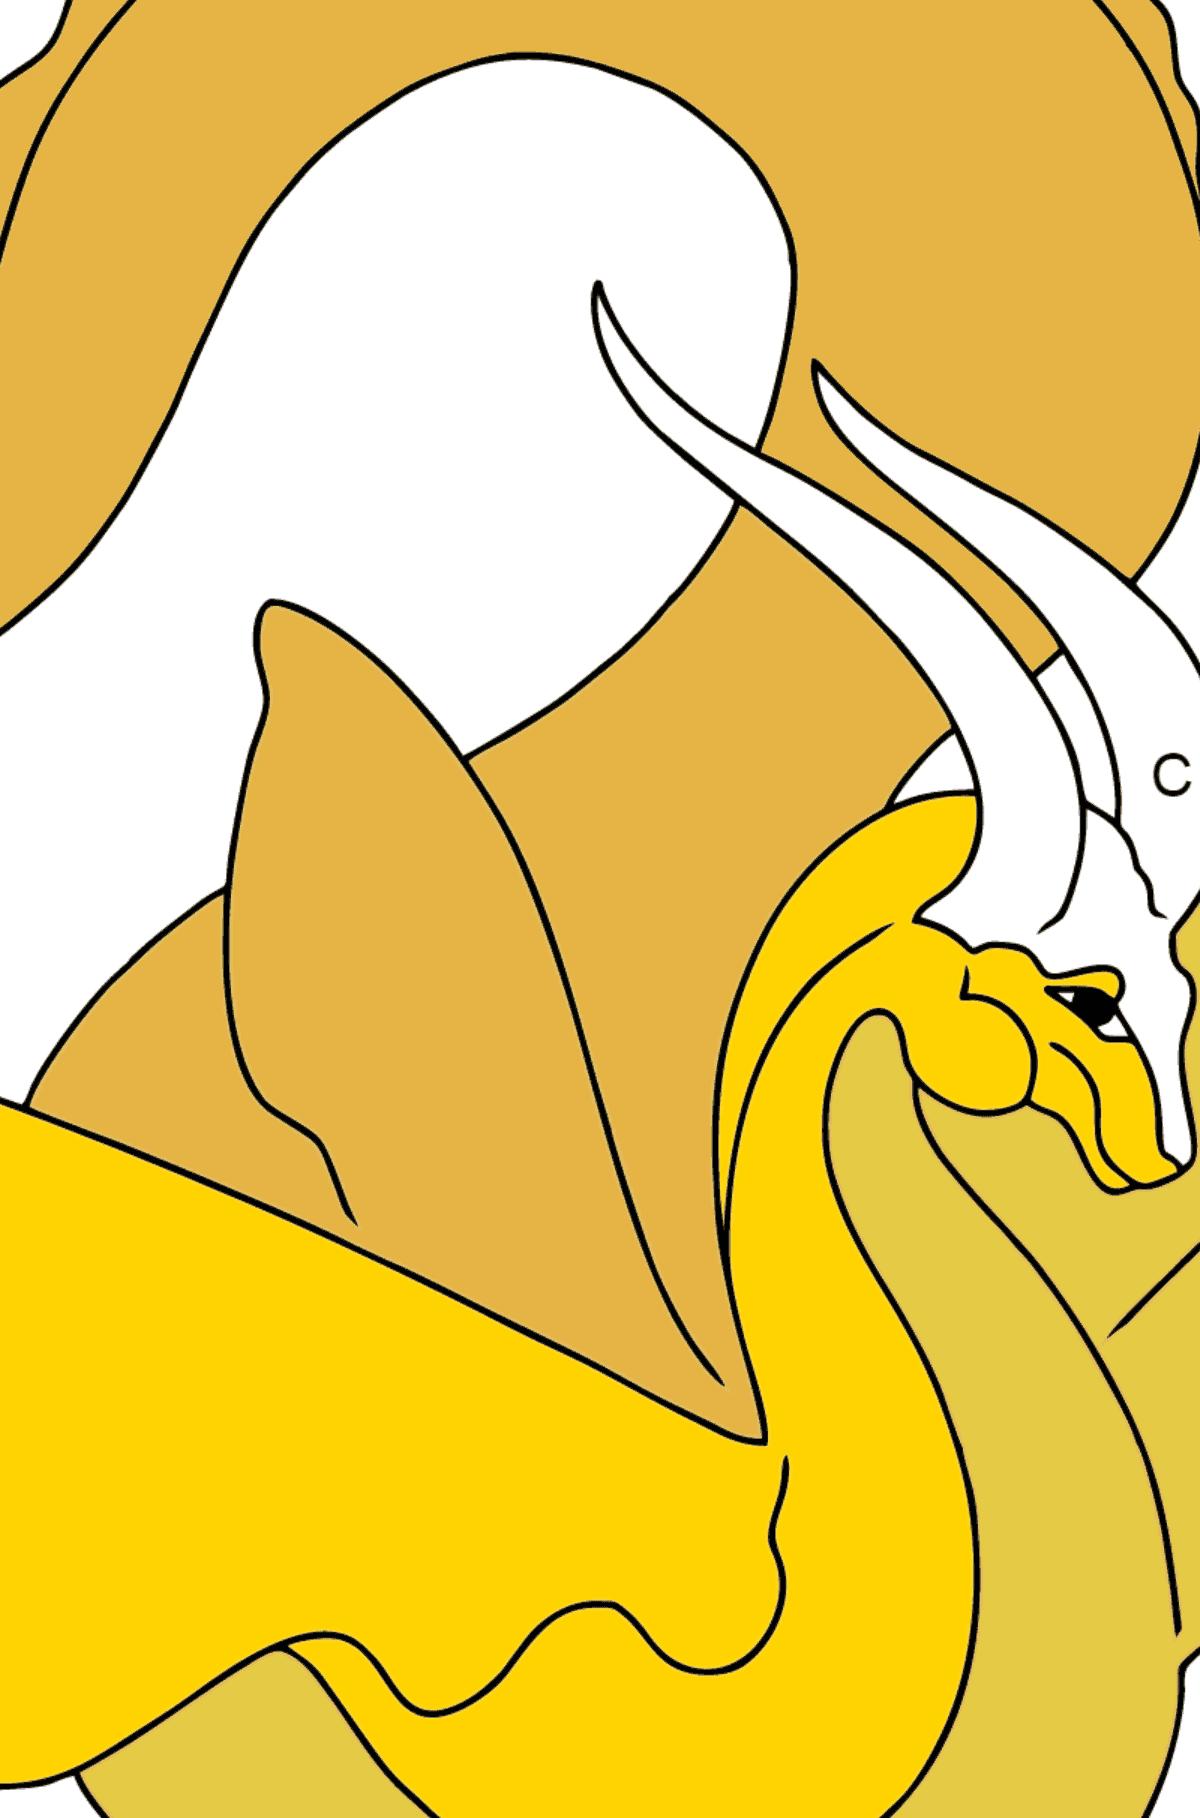 Página para Colorear - Un Dragón con Alas Amarillas - Colorear por Letras para Niños